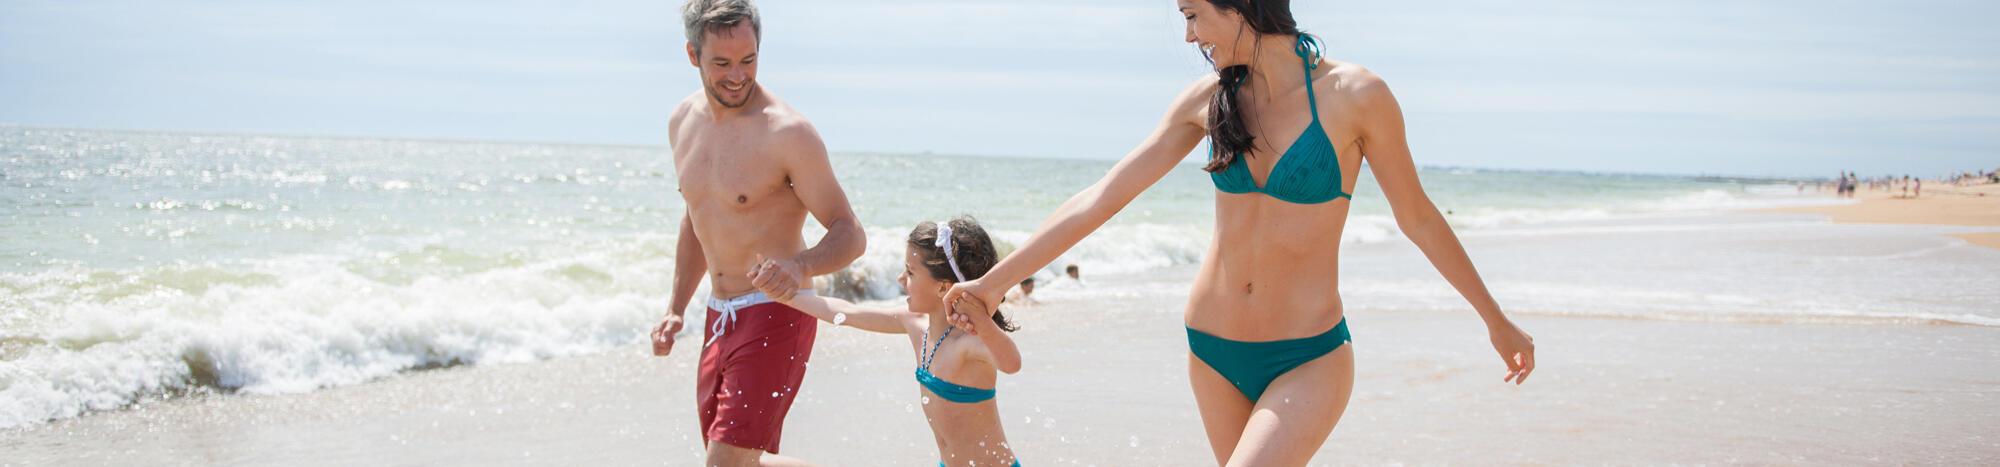 Iniziamo insieme l'estate con la giusta carica? Ecco la tua Offerta Luglio in famiglia a Rimini!